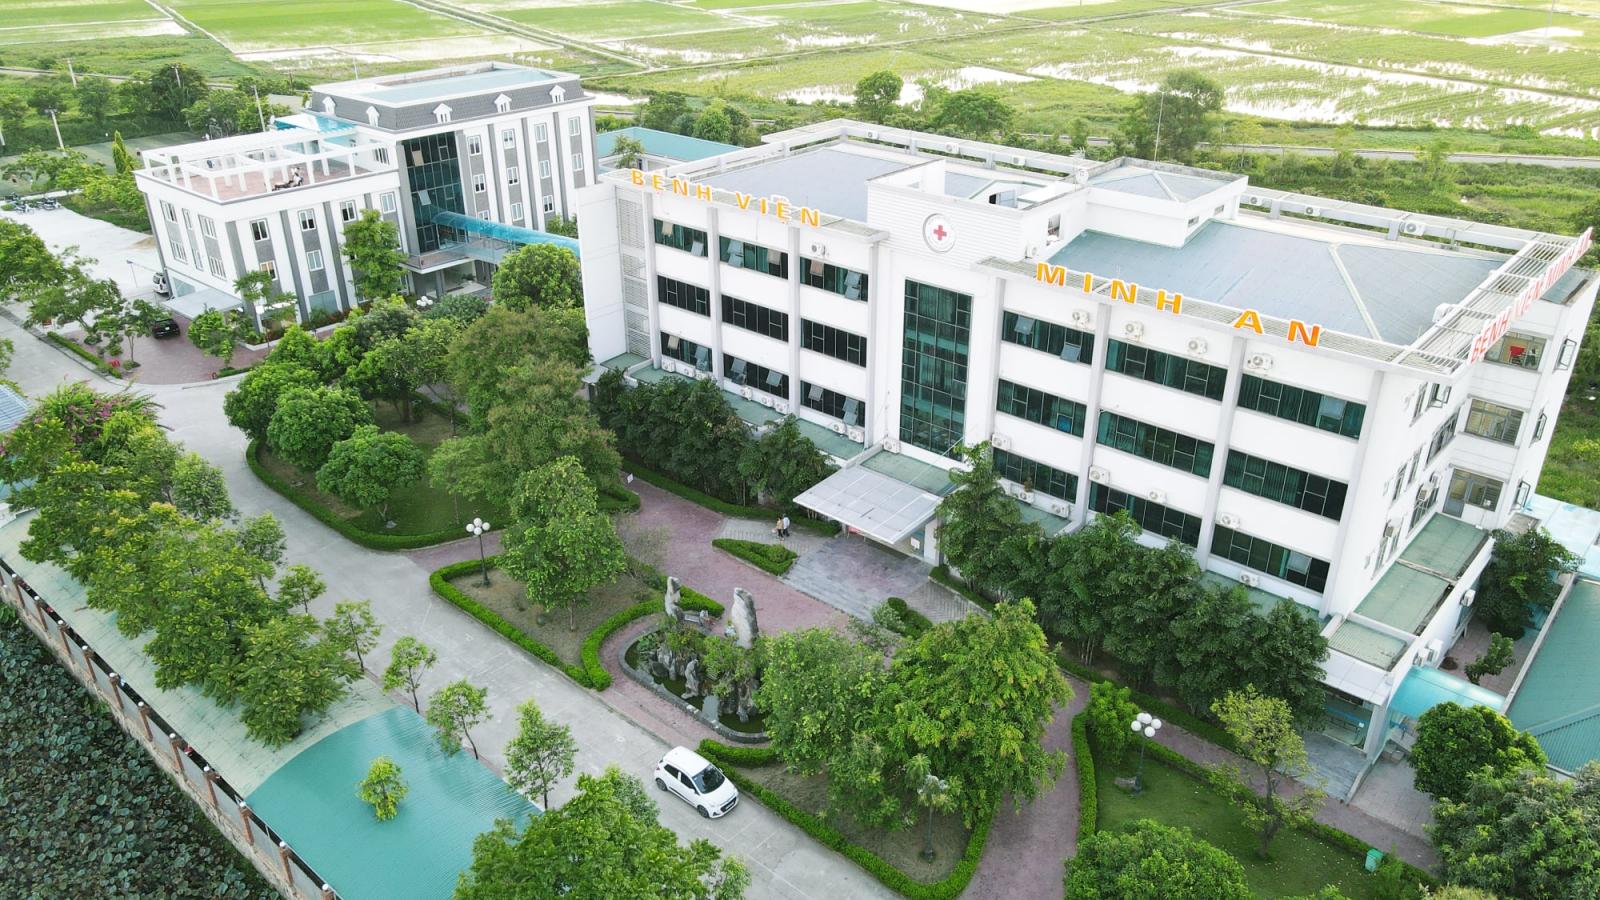 Người phụ nữ từng đến bệnh viện Minh An (Nghệ An) dương tính với SARS-CoV-2